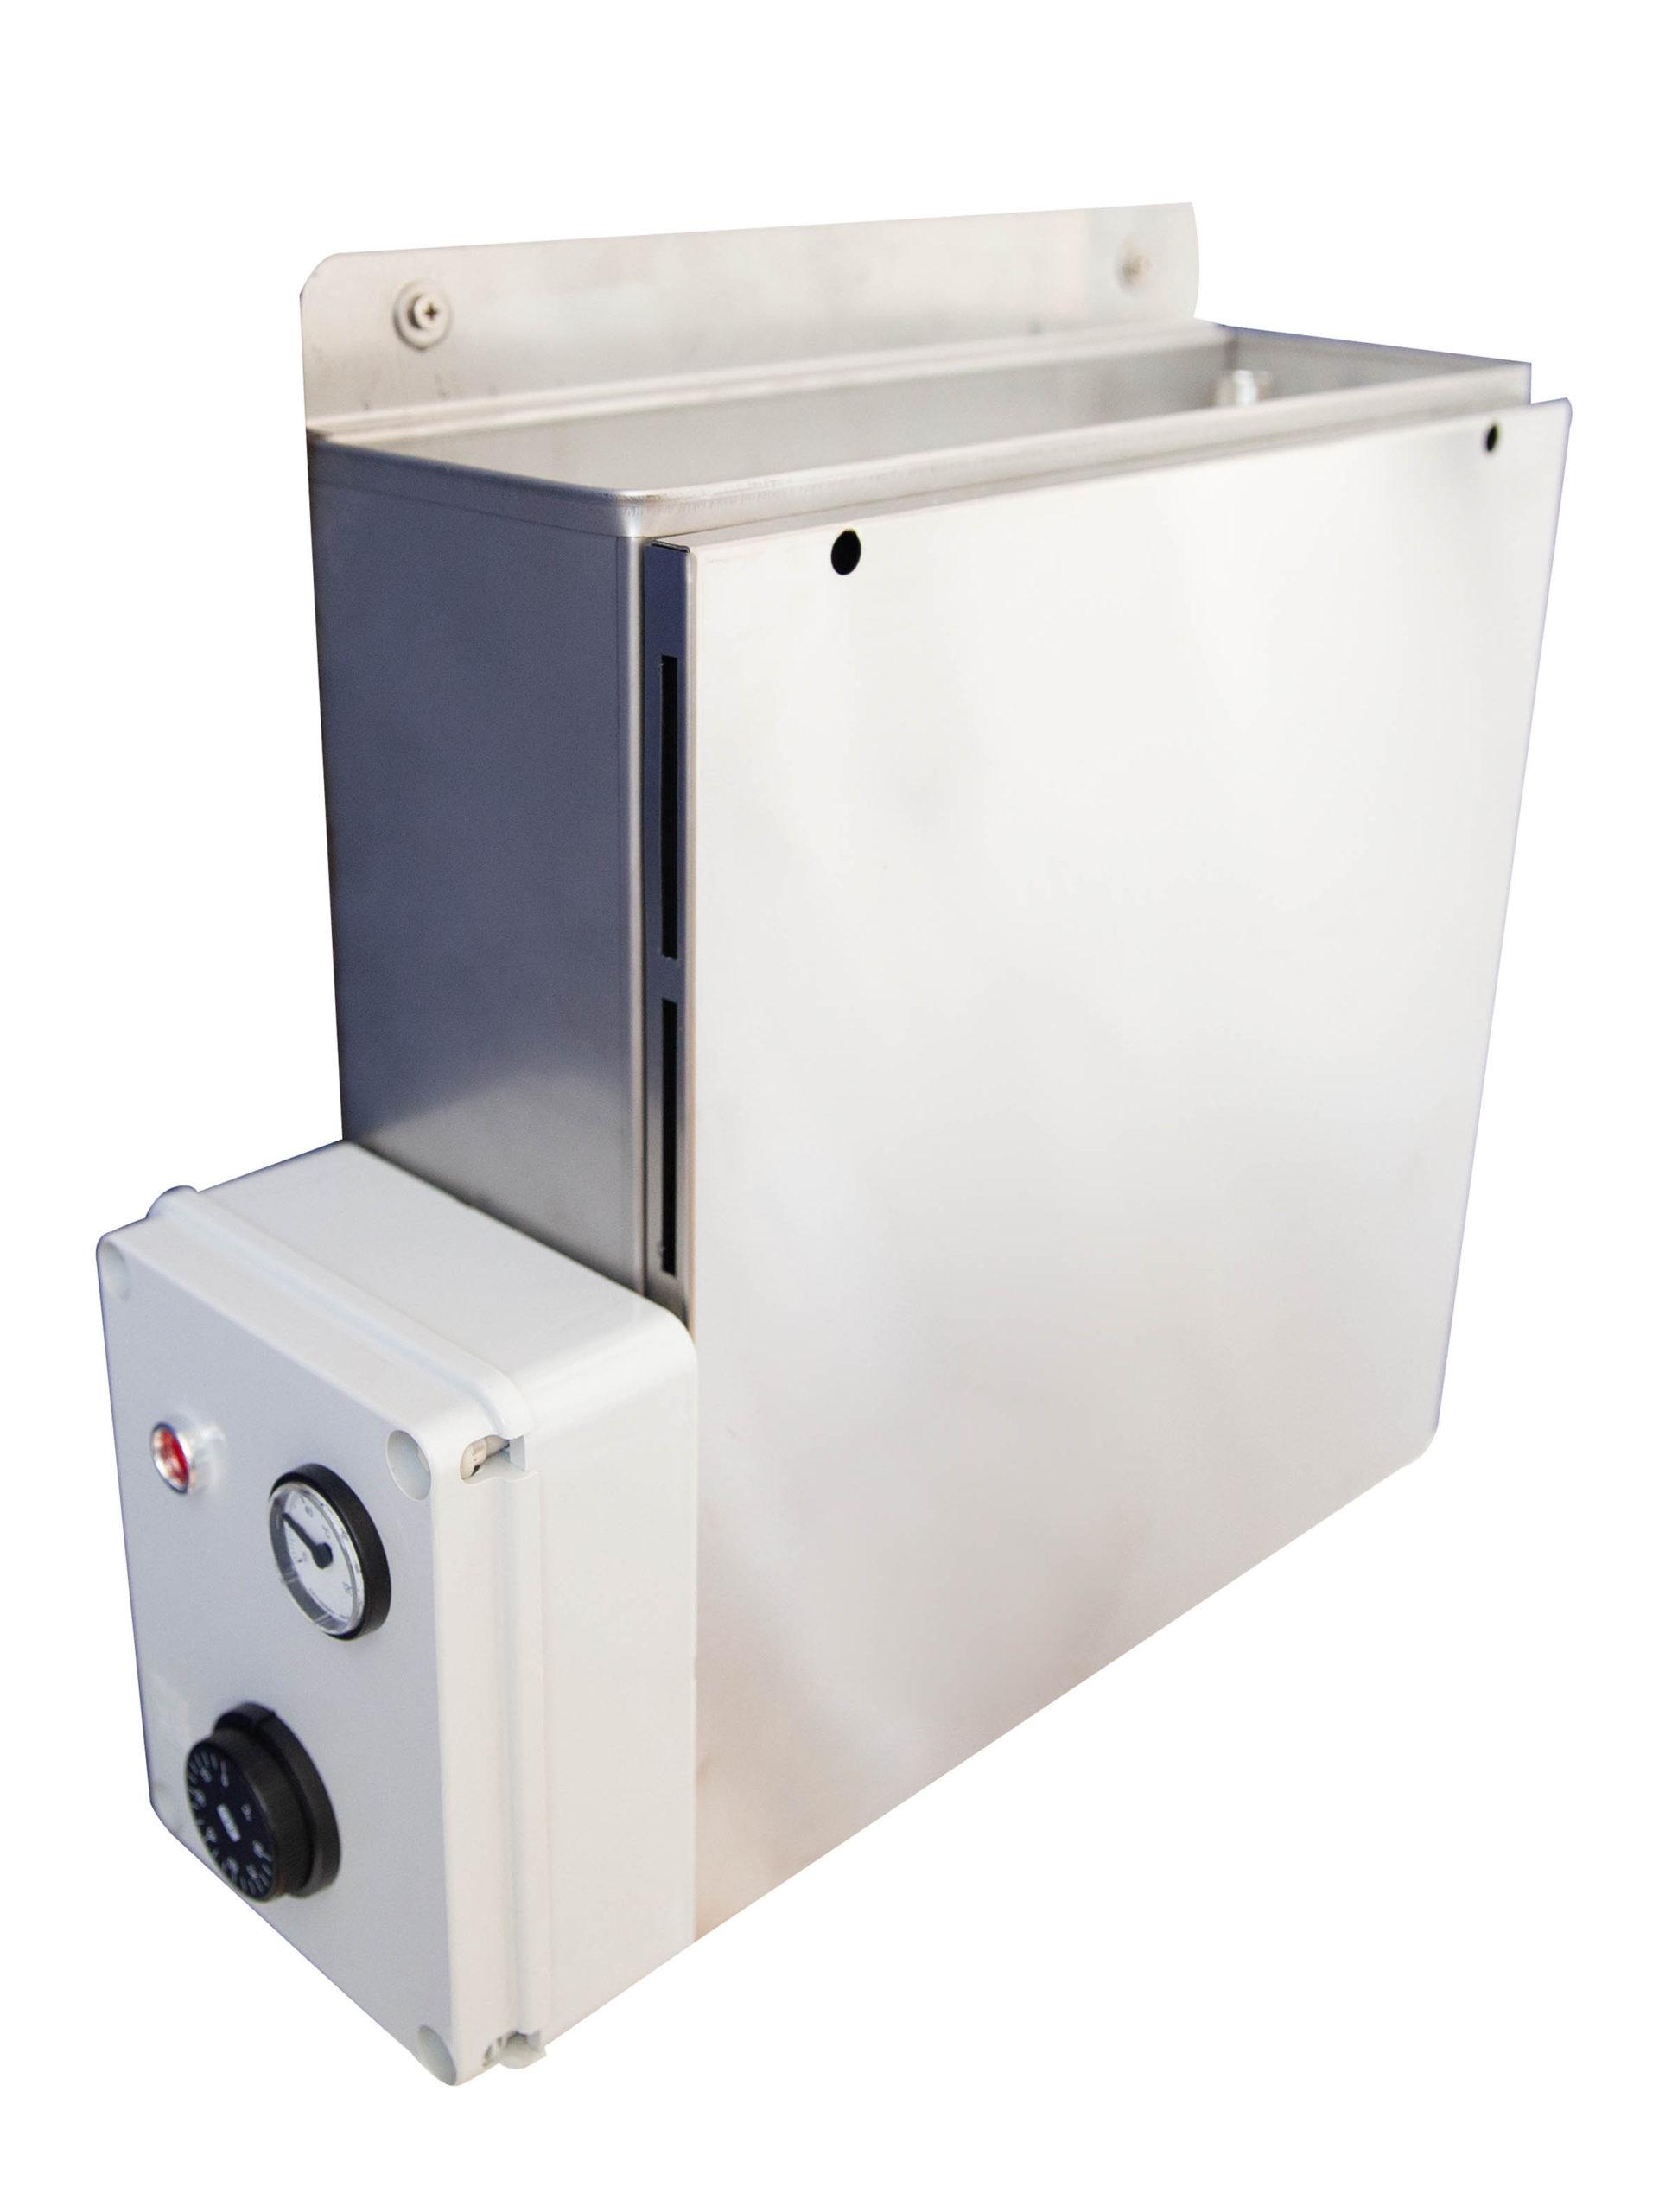 Armadietto-sterilizzatore-ad-acqua-ristorante